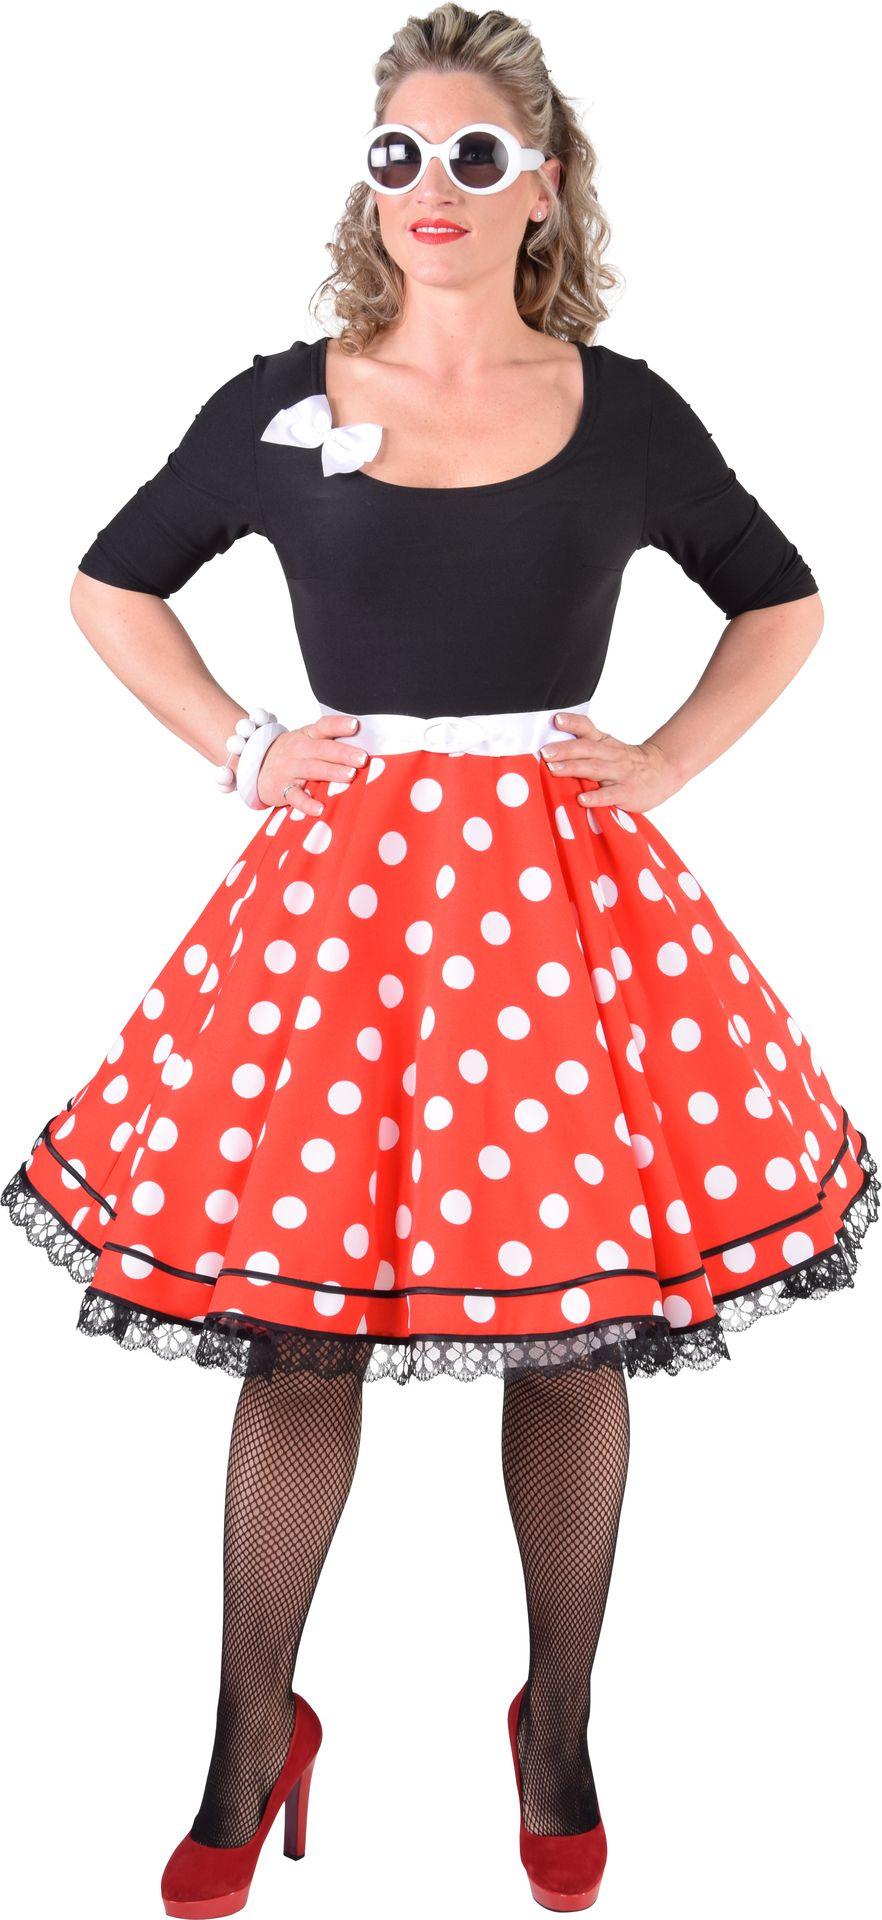 50s jurk met stippen dames